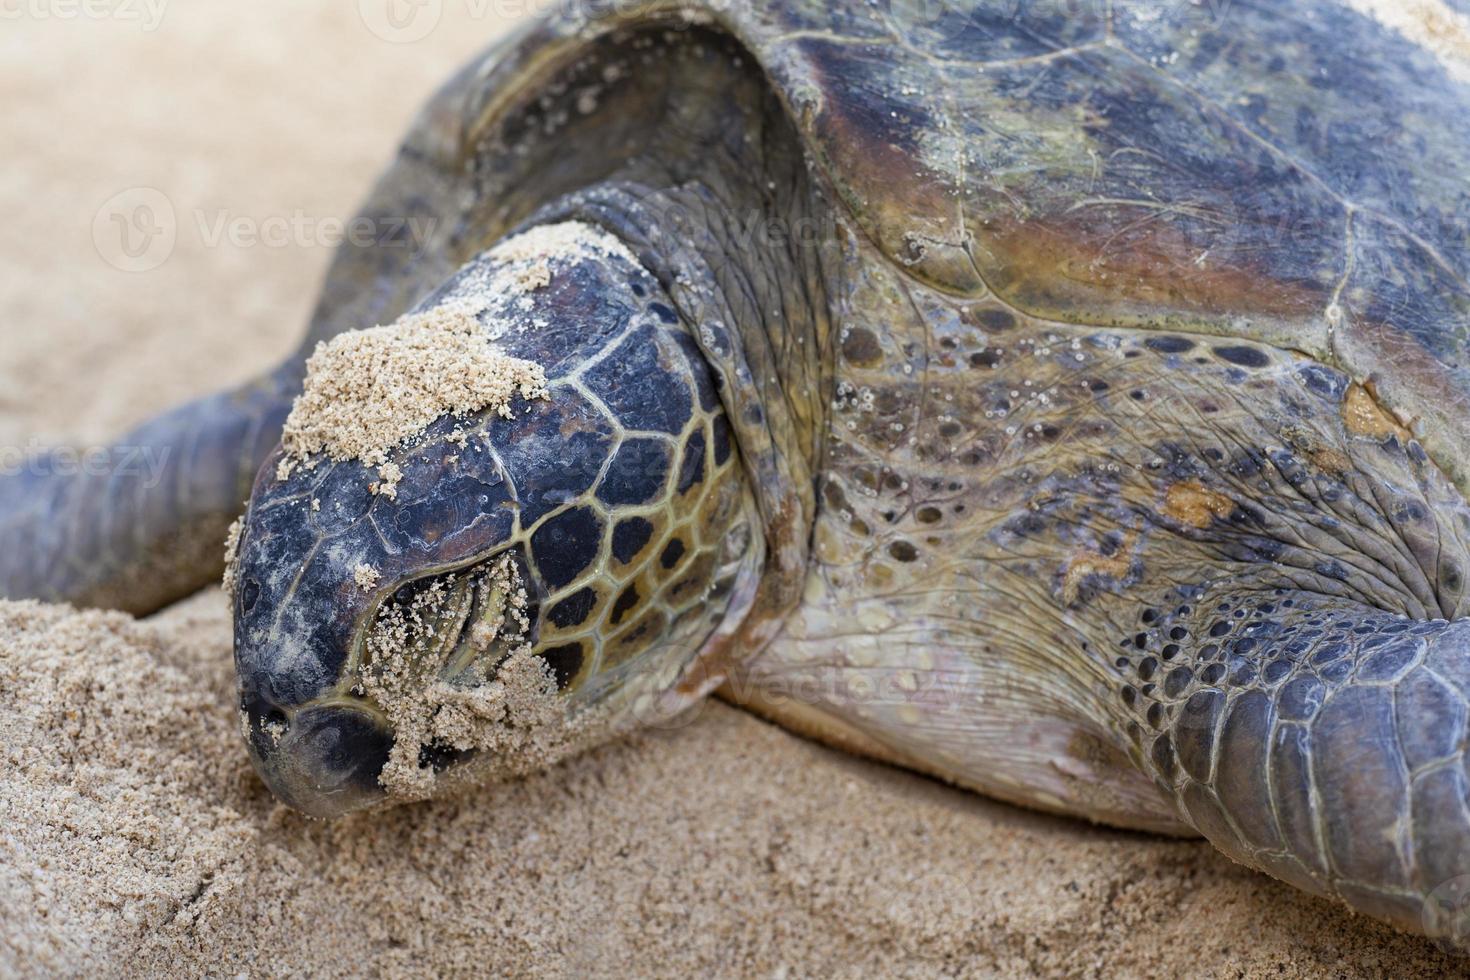 tartaruga verde, aninhando-se na praia. foto